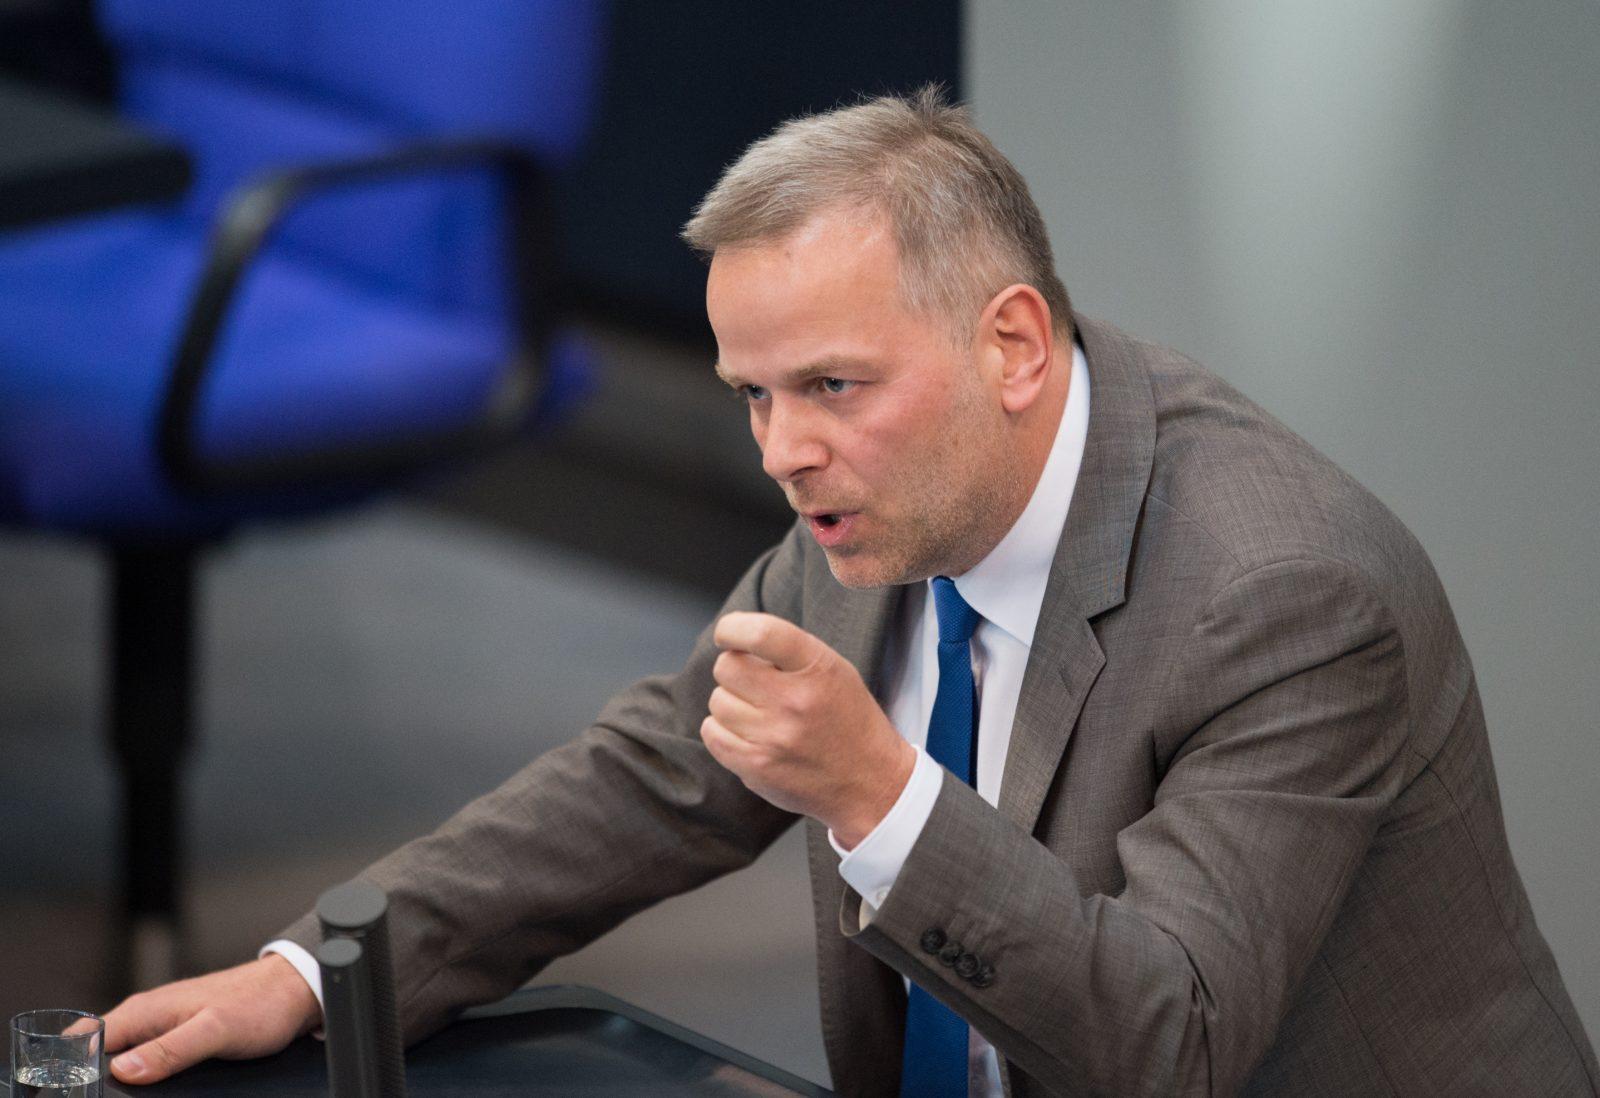 Der Vizechef der AfD-Bundestagsfraktion, Leif-Erik Holm, attackiert die SPD Foto: picture alliance/Annegret Hilse/dpa